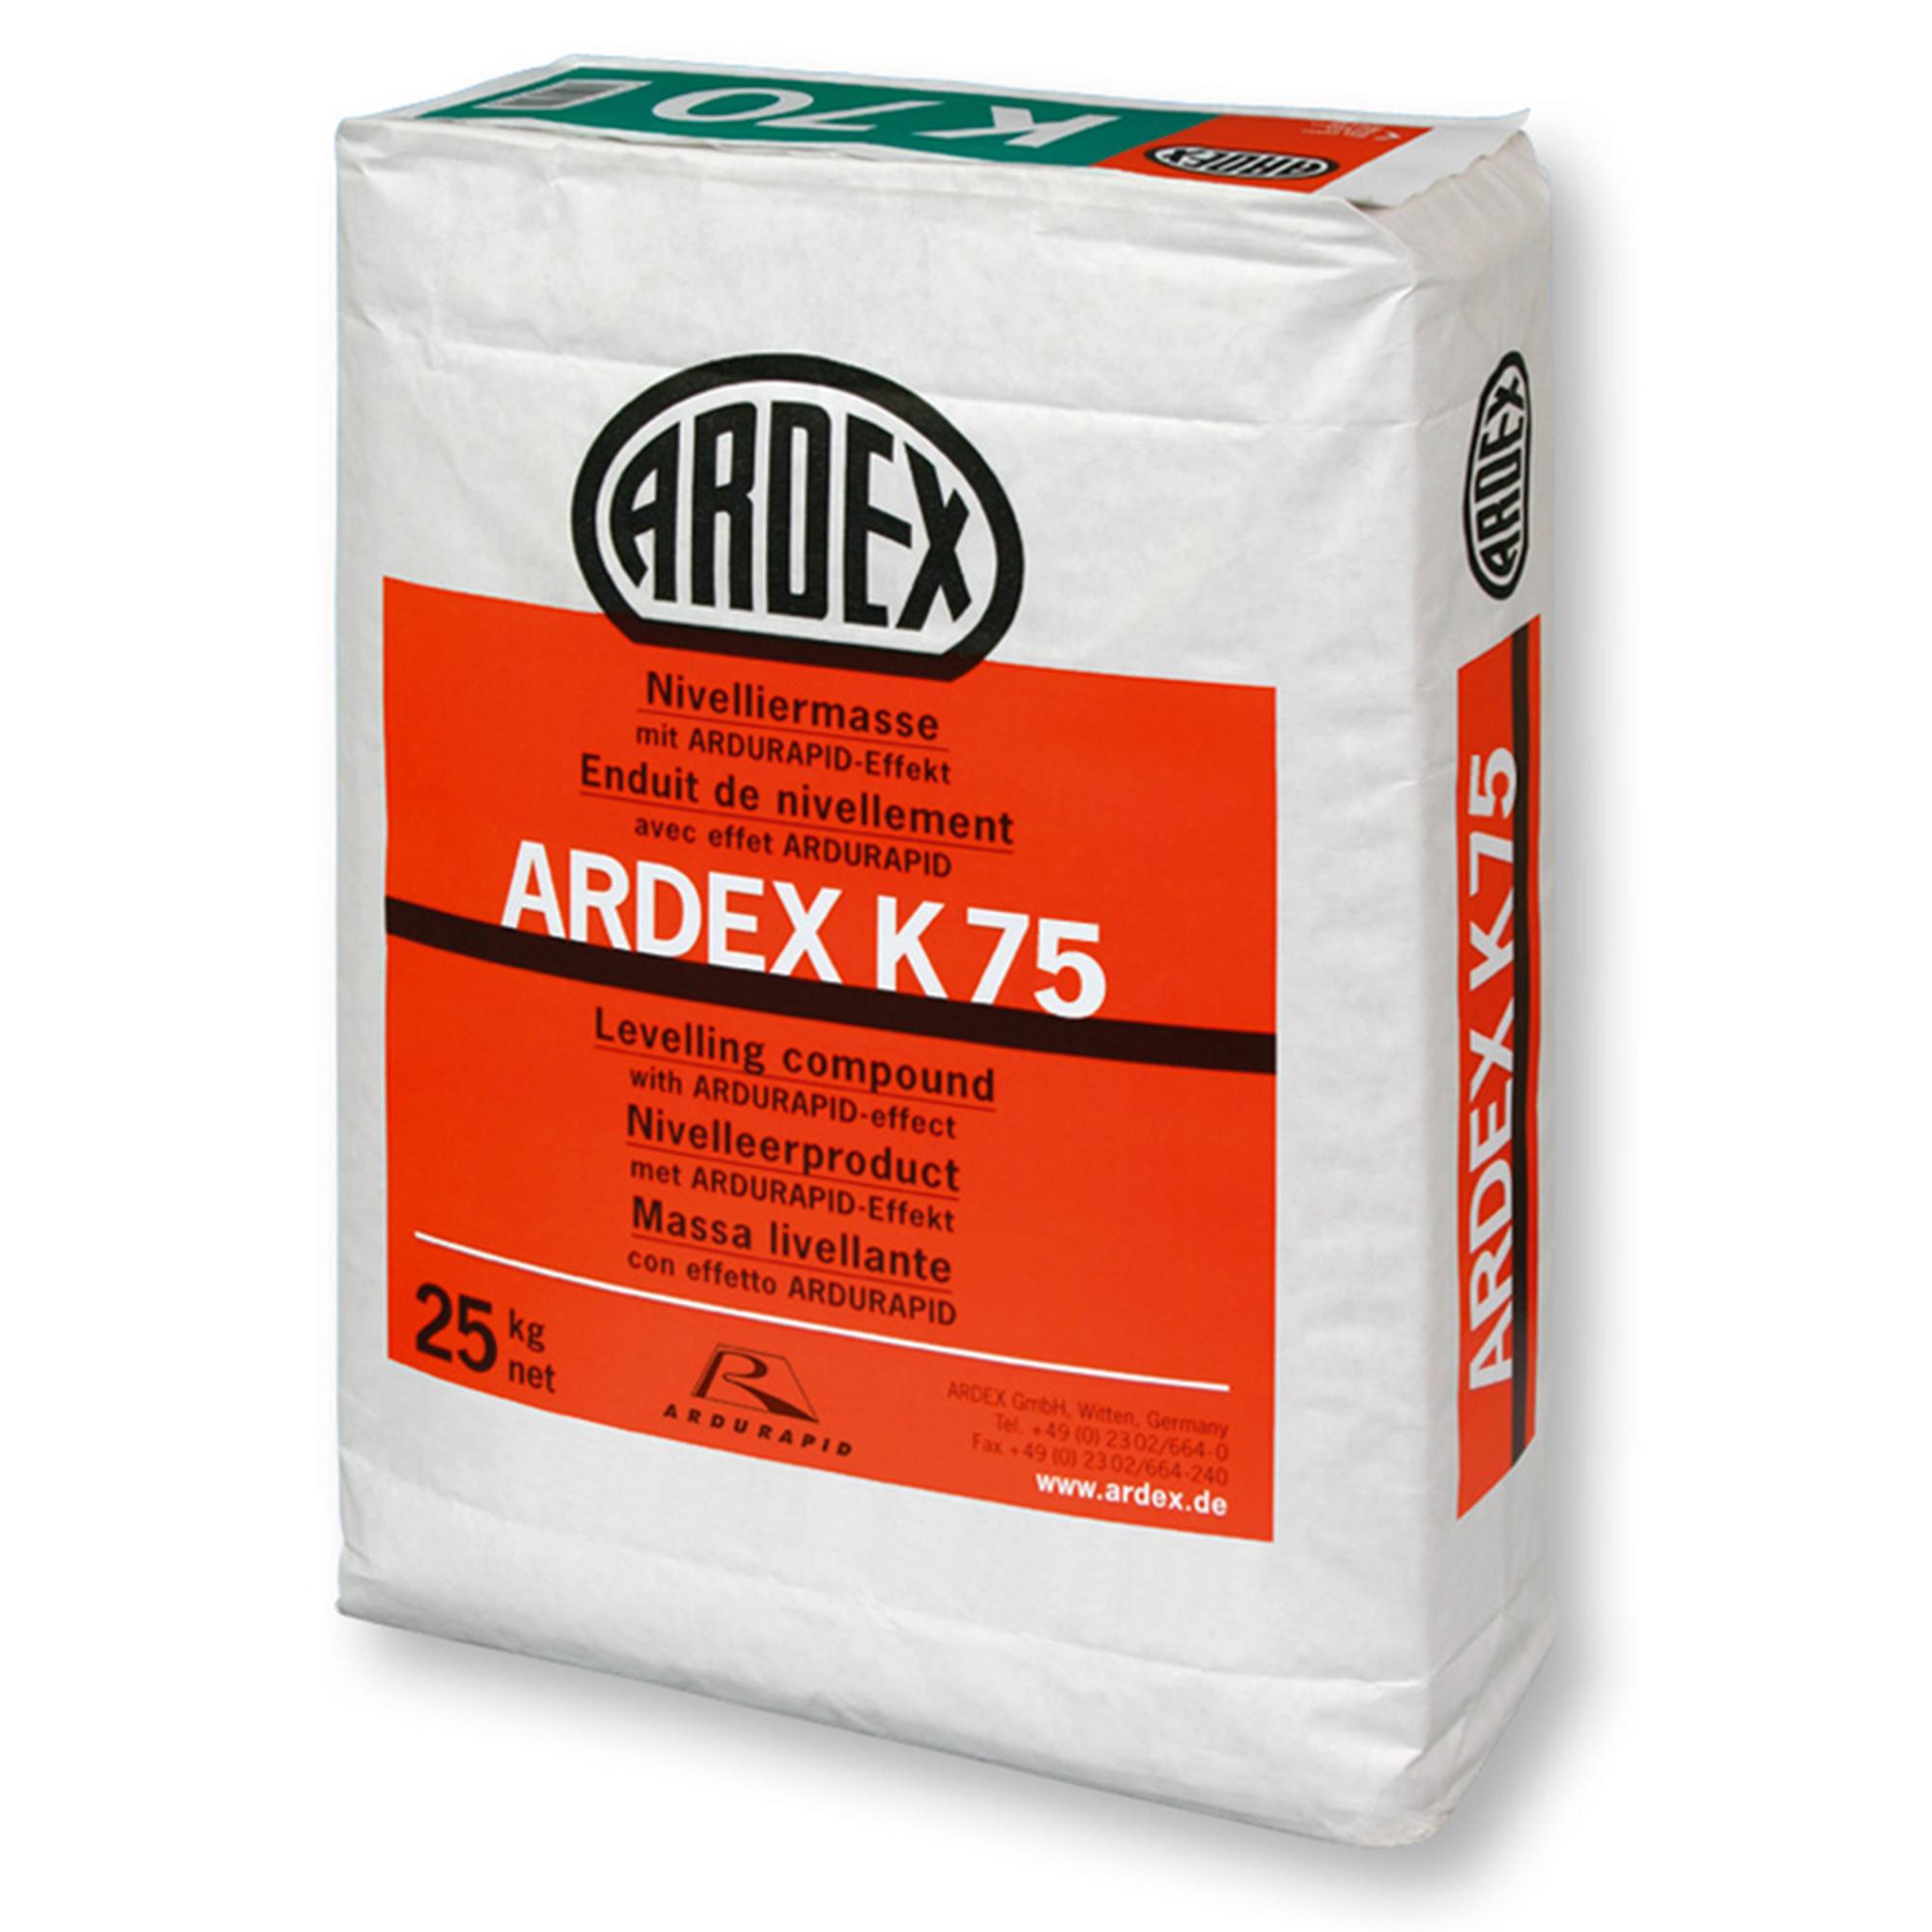 Avjämningsmassa Ardex K75 25 kg